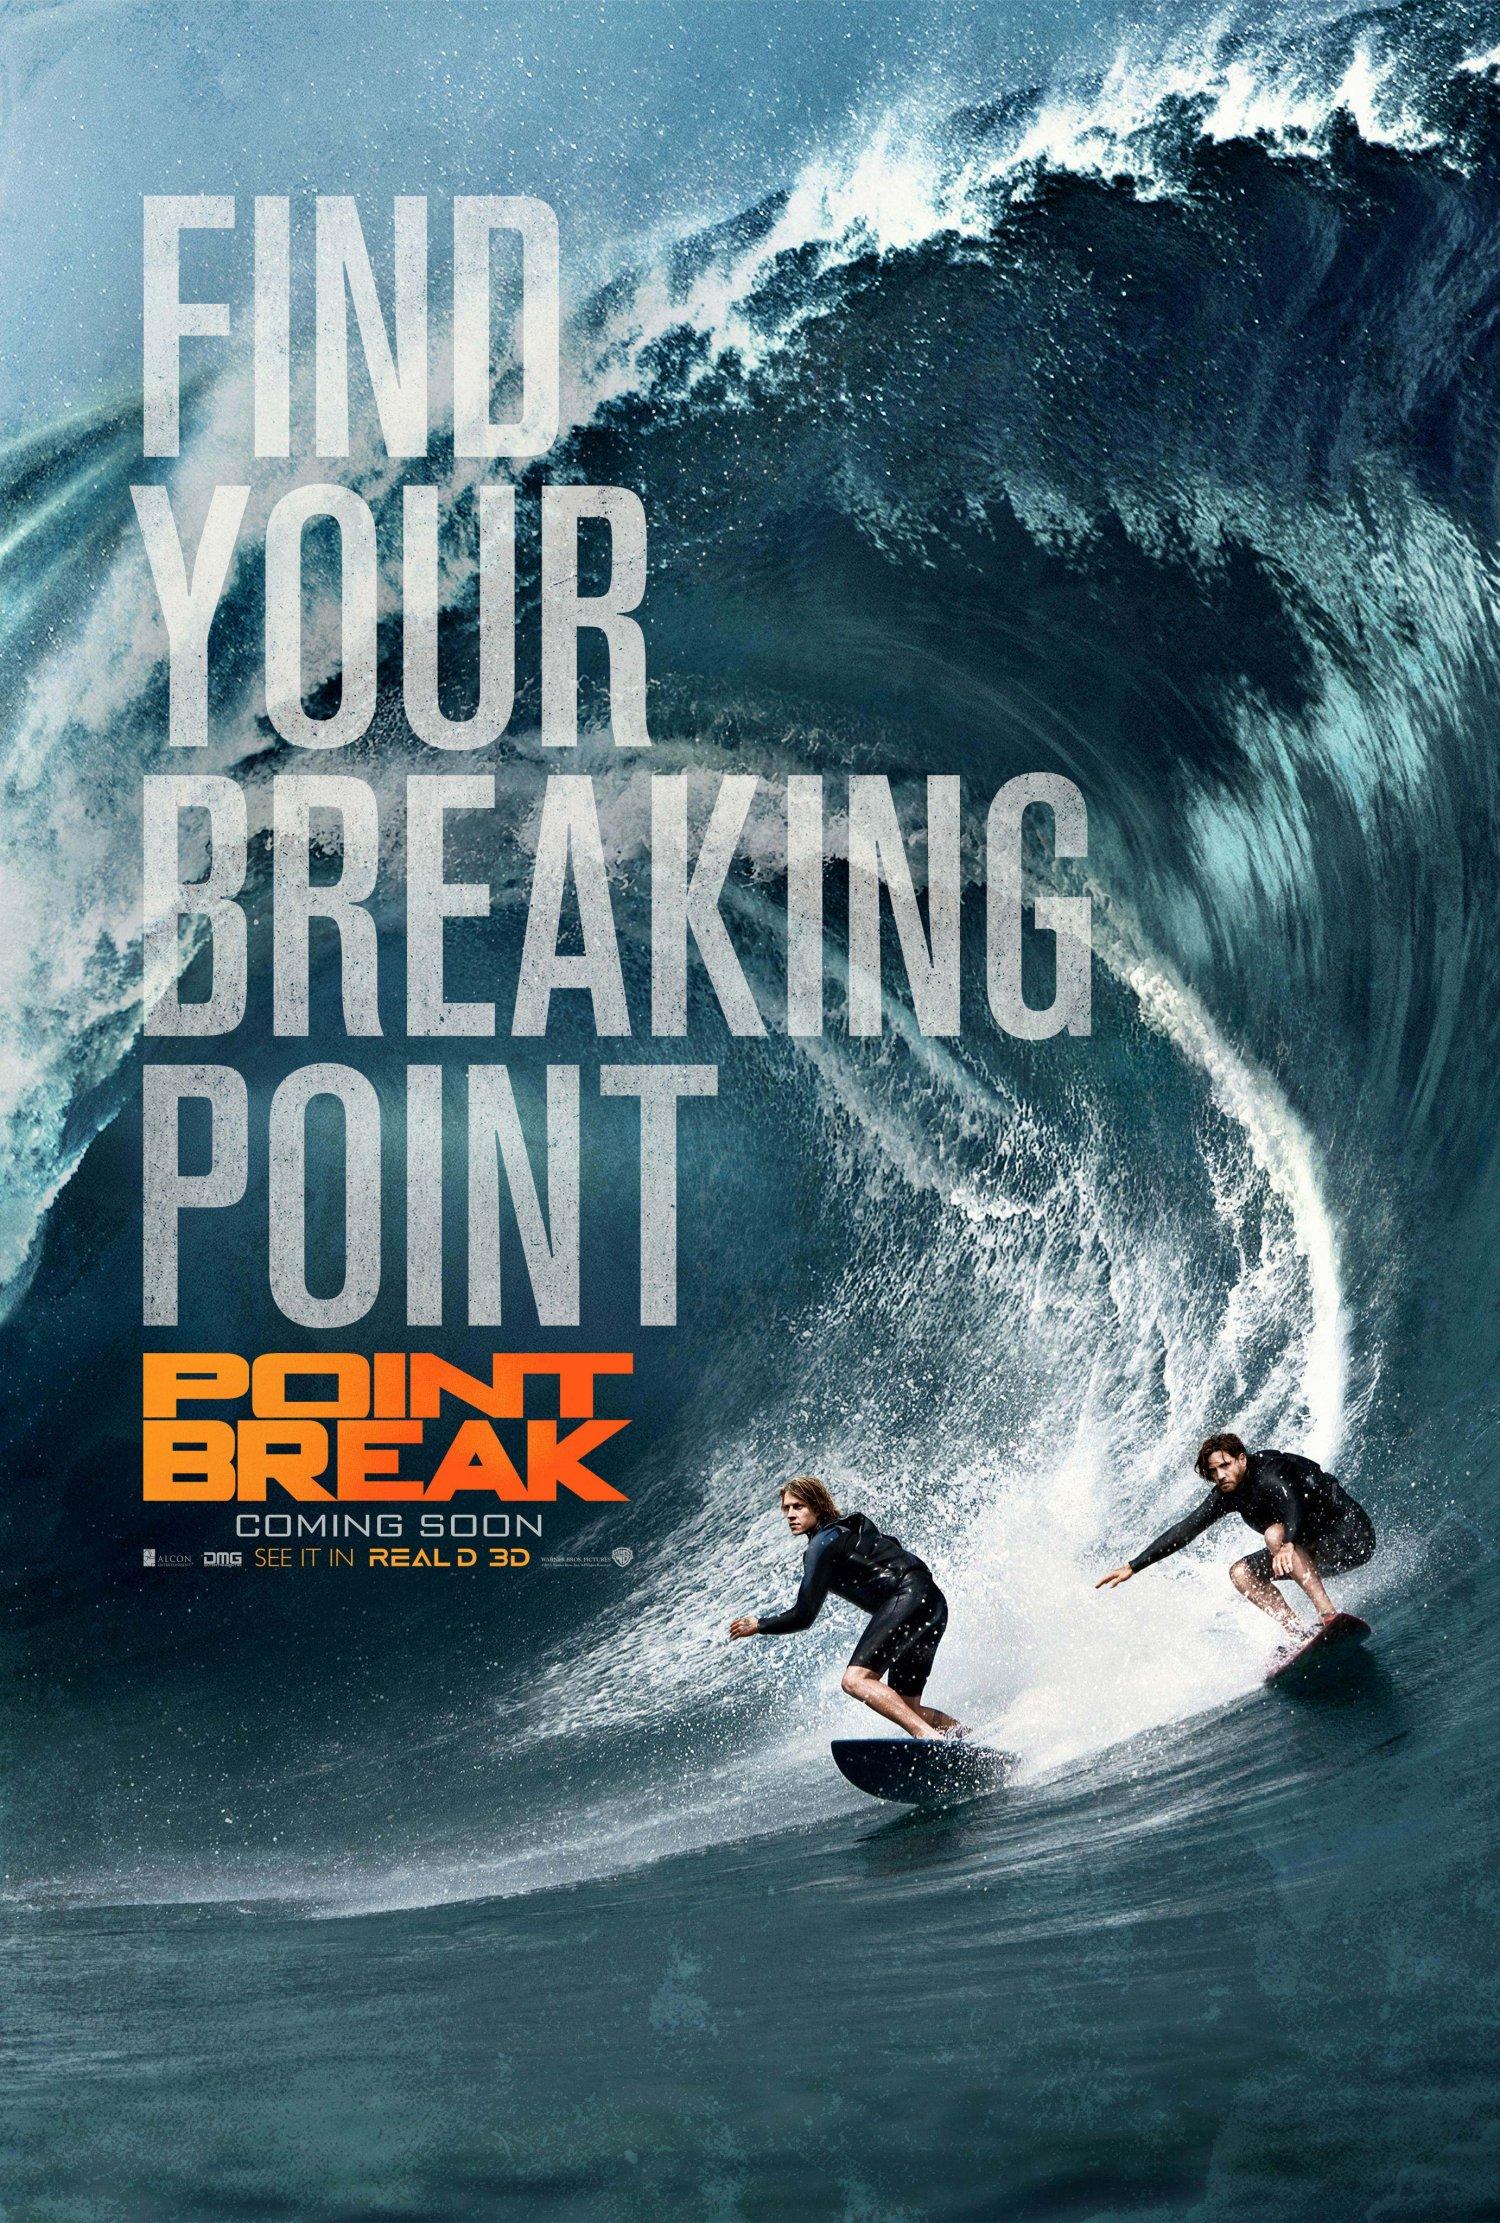 Point Break teaser poster 2